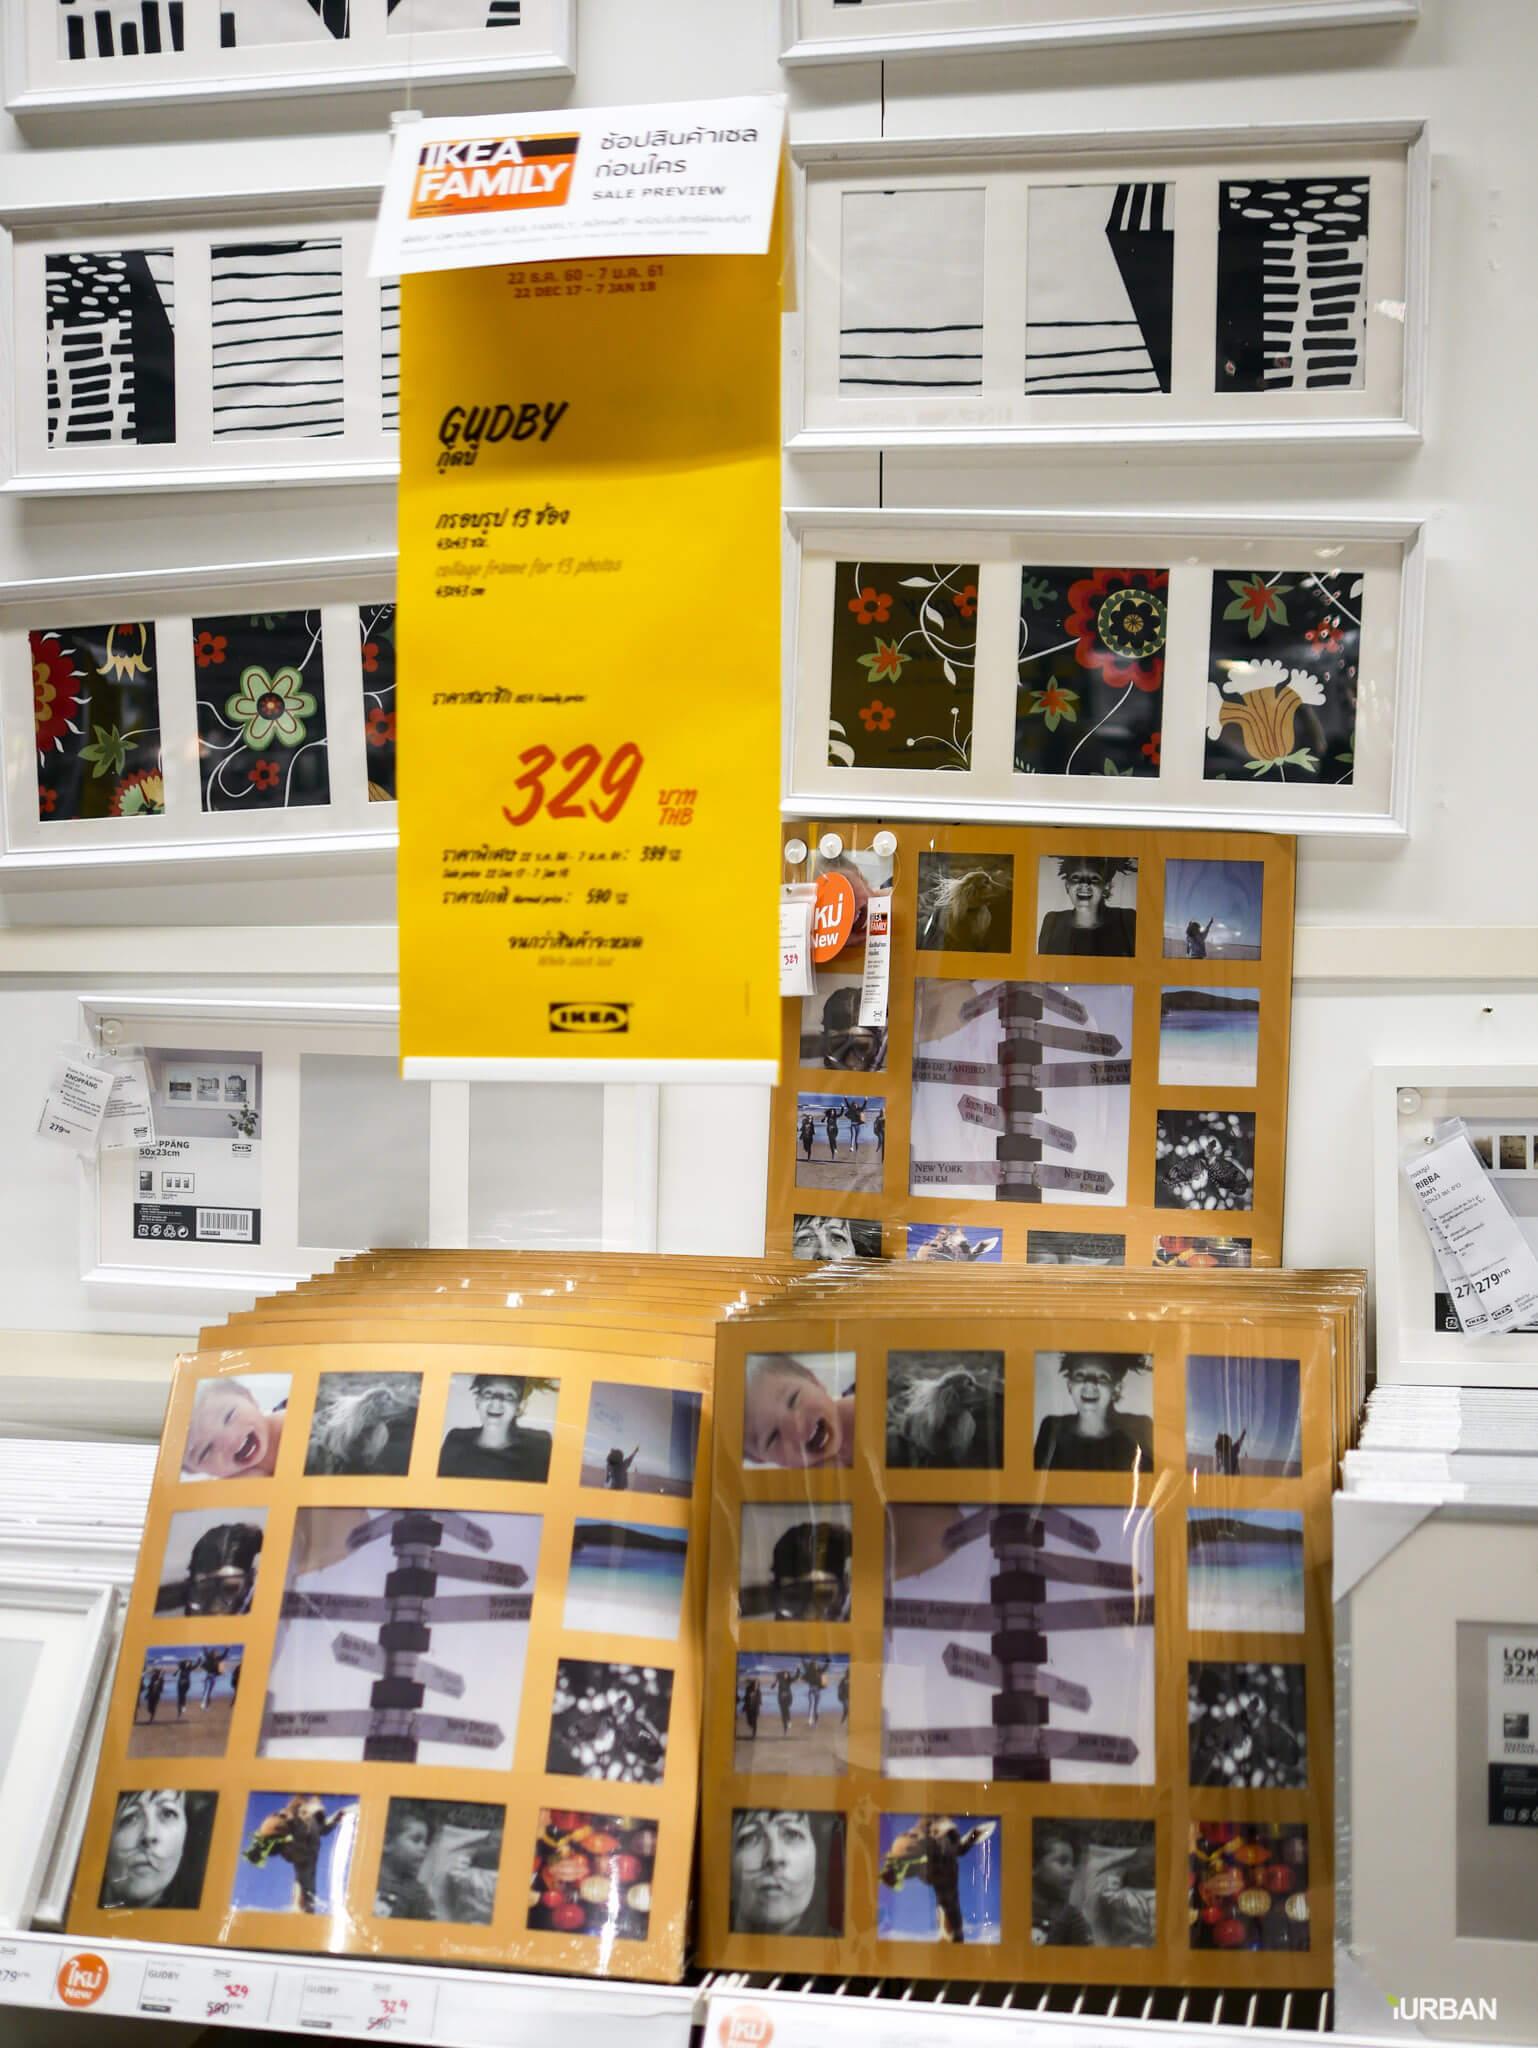 มันเยอะมากกกก!! IKEA Year End SALE 2017 รวมของเซลในอิเกีย ลดเยอะ ลดแหลก รีบพุ่งตัวไป วันนี้ - 7 มกราคม 61 199 - IKEA (อิเกีย)